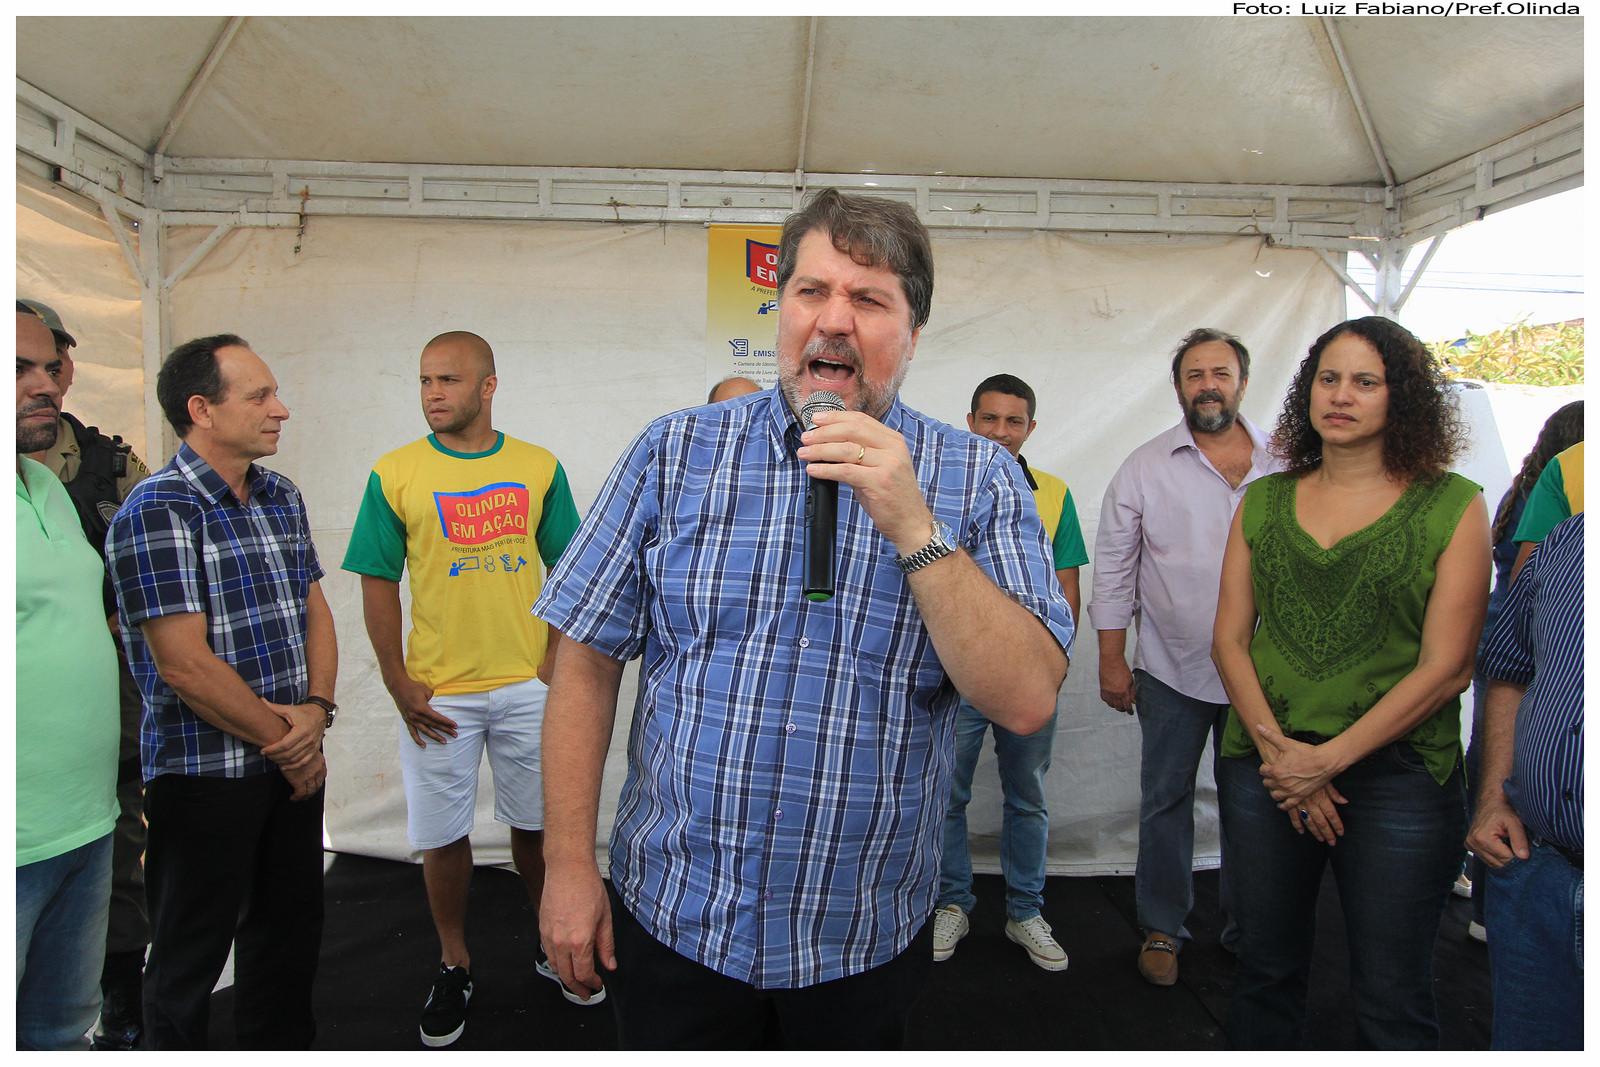 Ato pela paz nos estádios, marca o Olinda em Ação, no bairro de Jardim Brasil. Foto: Luiz Fabiano/Pref.Olinda